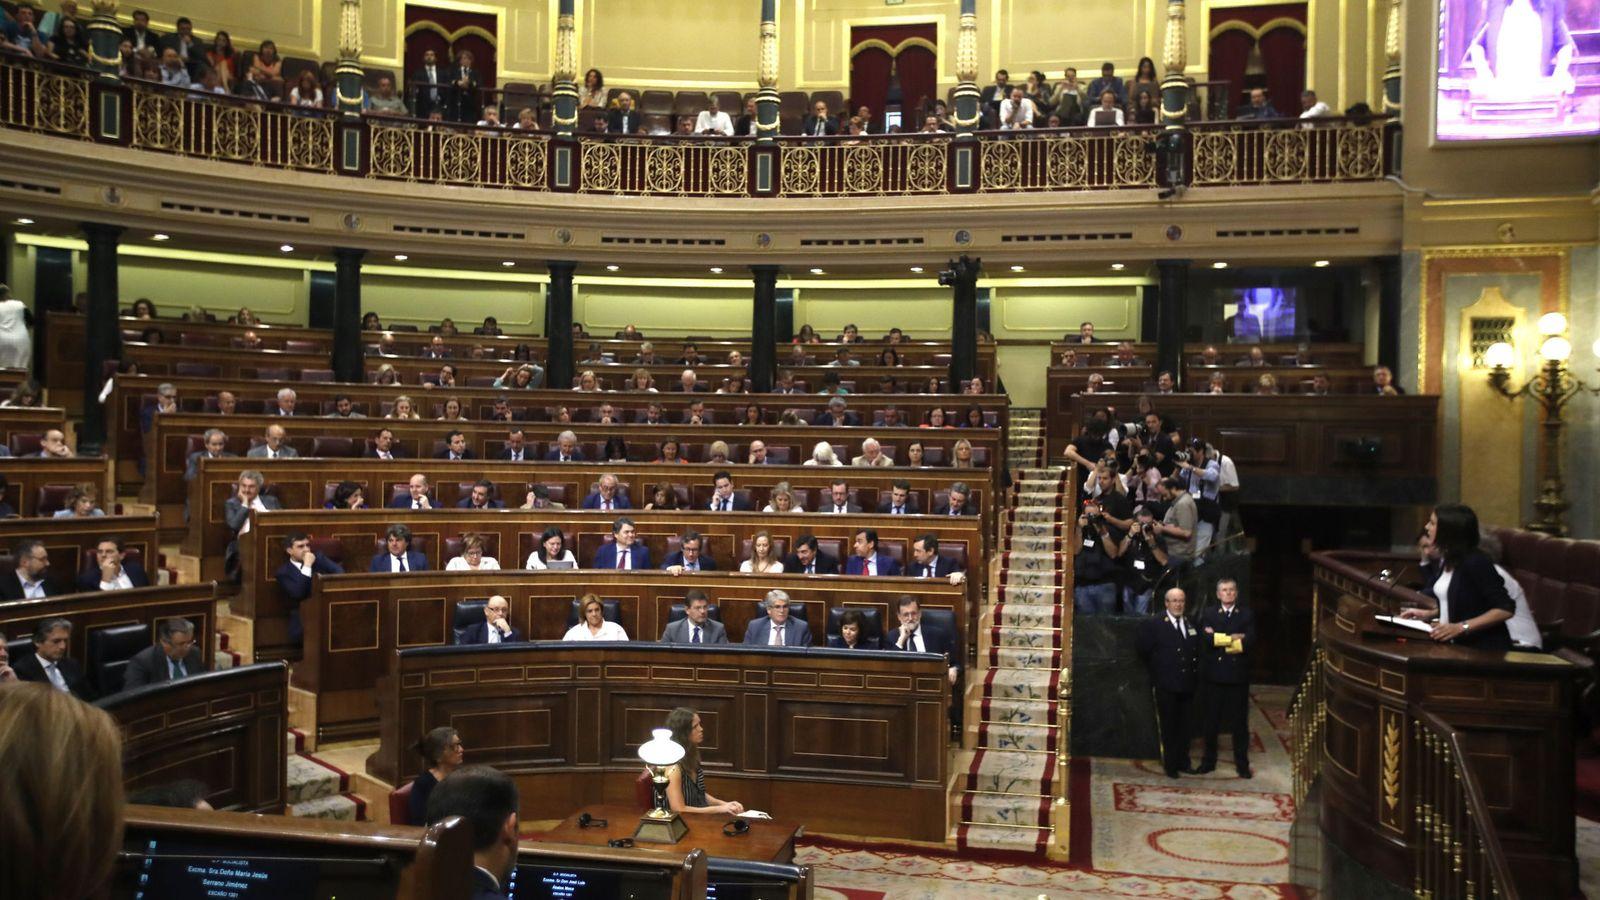 Foto: Imagen del Congreso de los Diputados durante la intervención de Irene Montero defendiendo la moción de censura presentada por Unidos Podemos. (Efe)